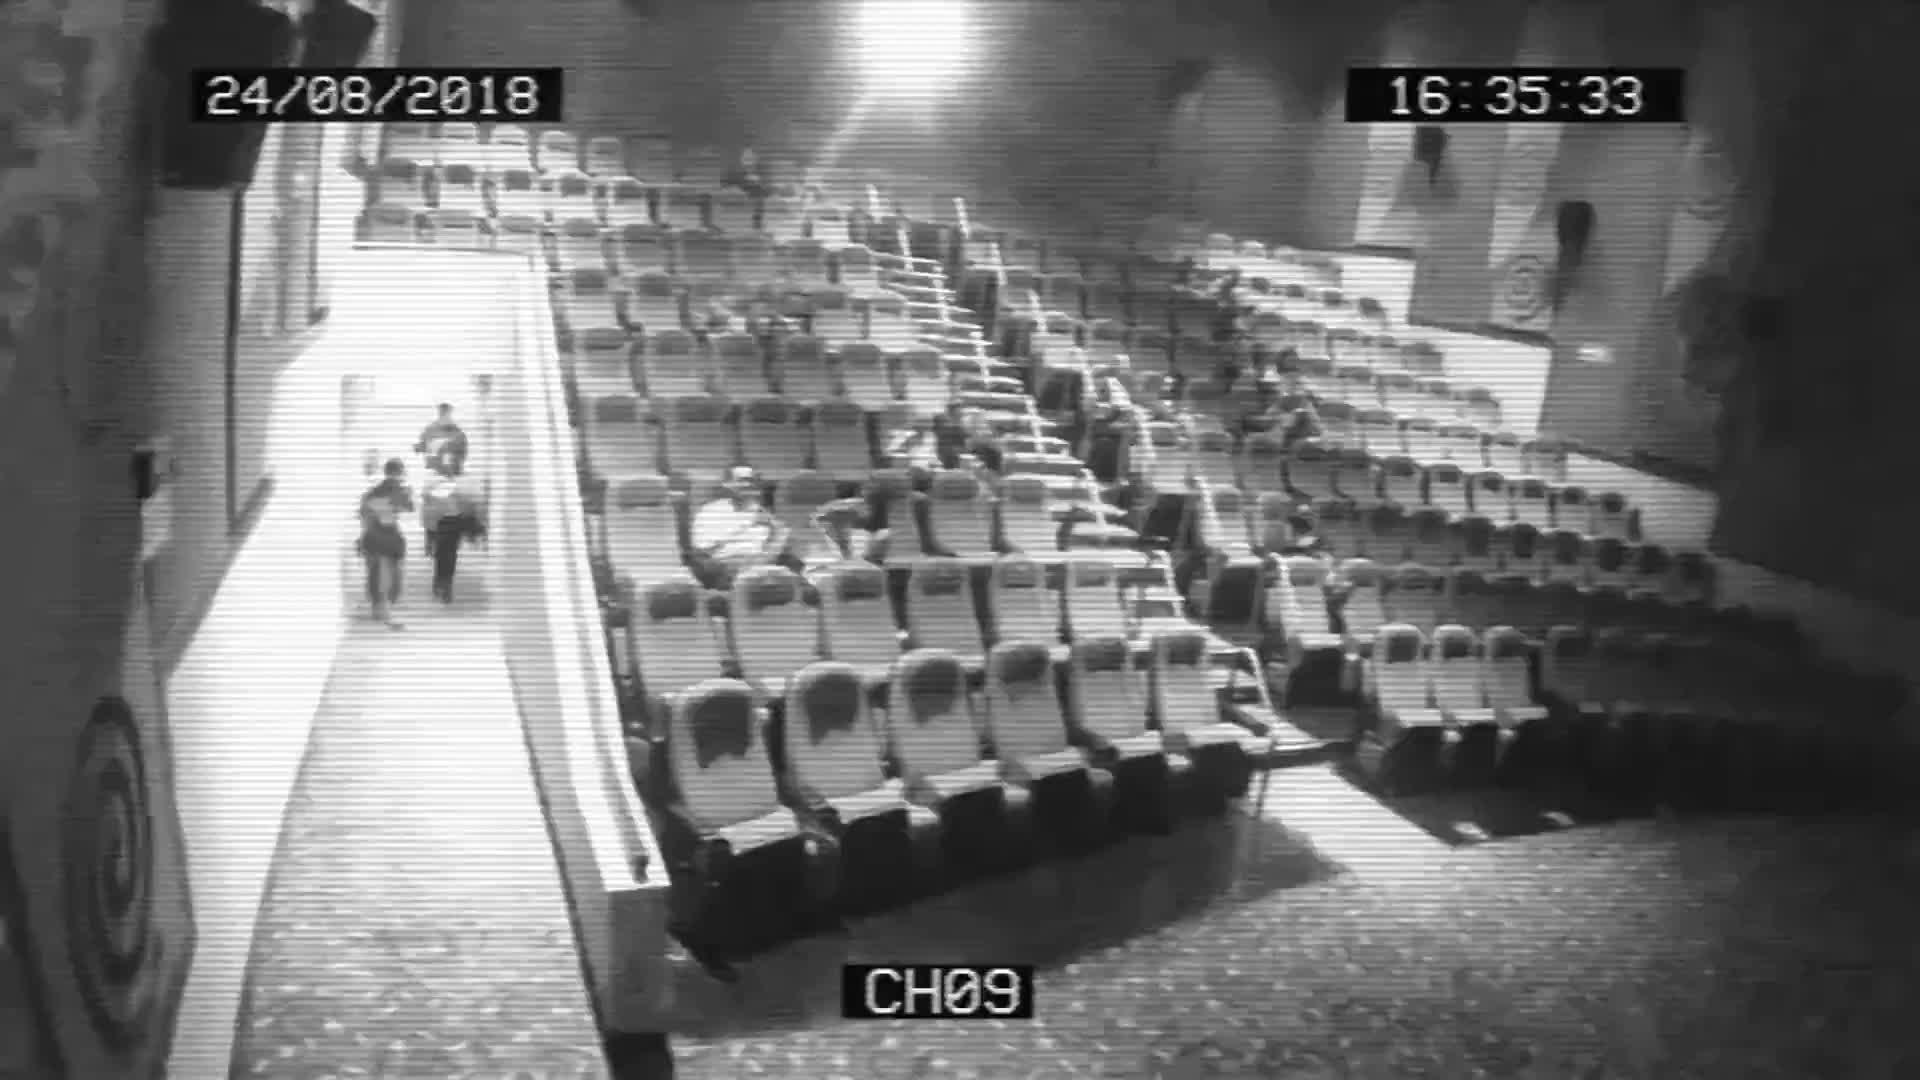 别想在电影院里胡作非为,你干的事监控一清二楚!